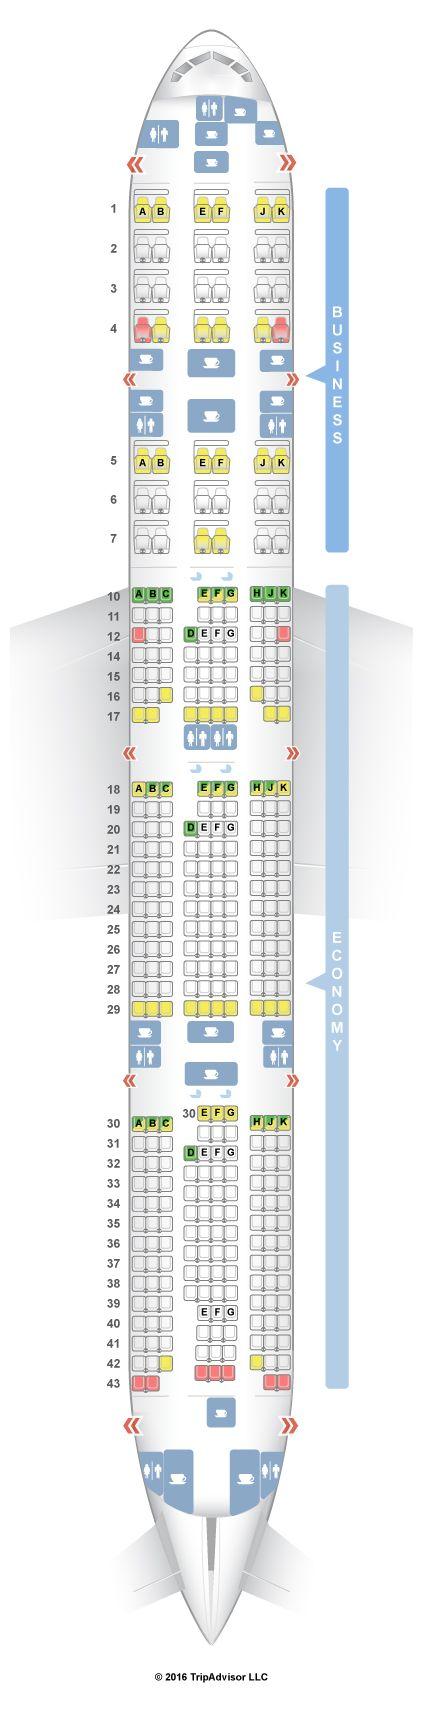 SeatGuru Seat Map Qatar Airways Boeing 777-300ER (77W) V1 - SeatGuru